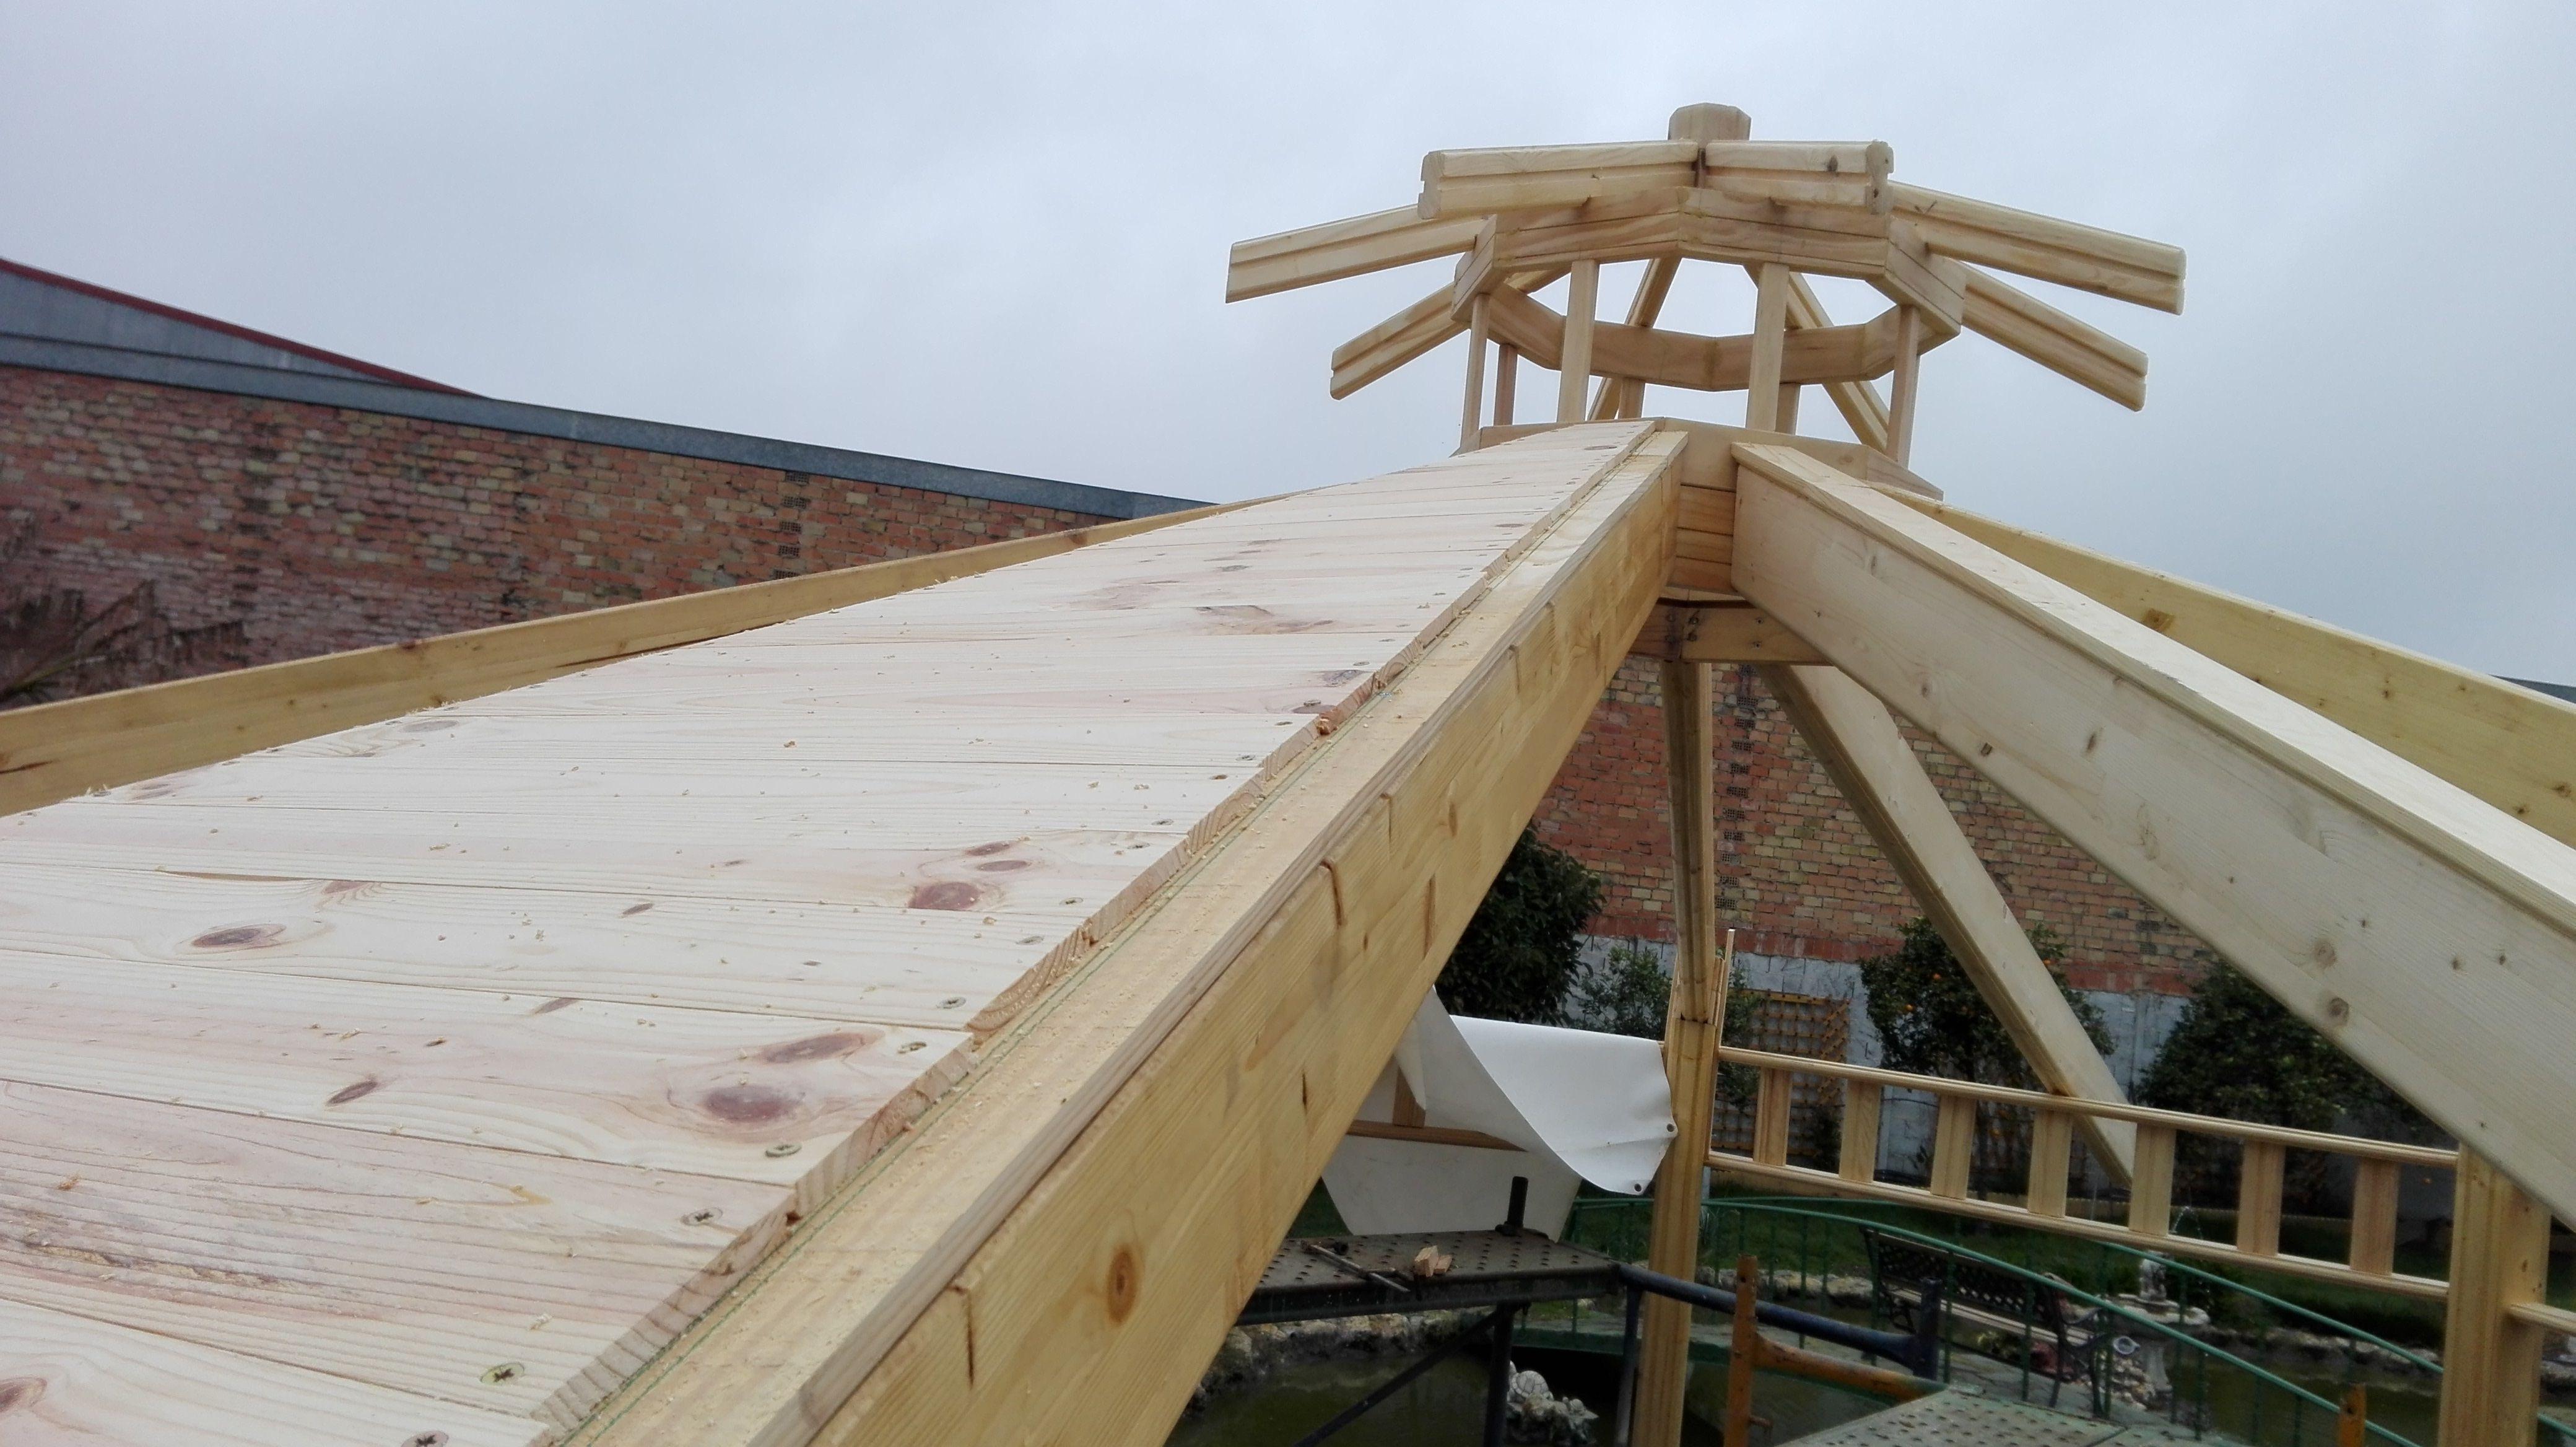 Kiosco octogonal con tejado a 16 aguas de madera tejado - Tejados de madera ...